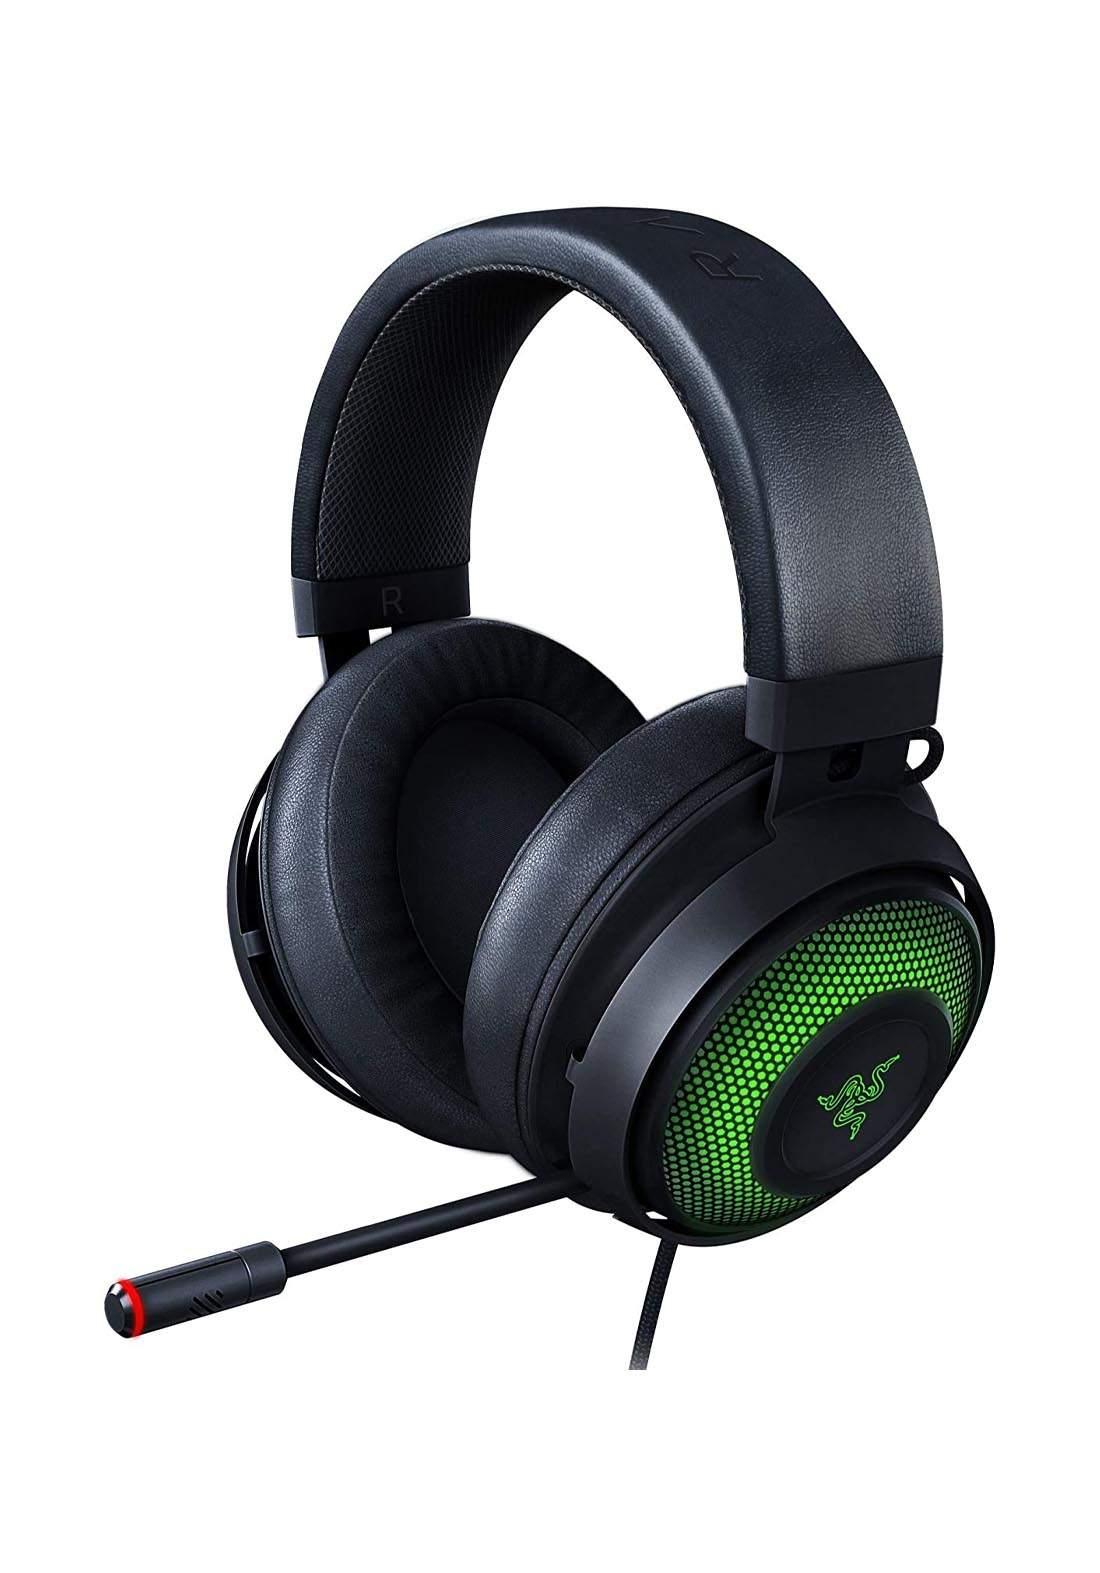 Razer Kraken X Ultimate RGB Gaming Headset - Black ?????